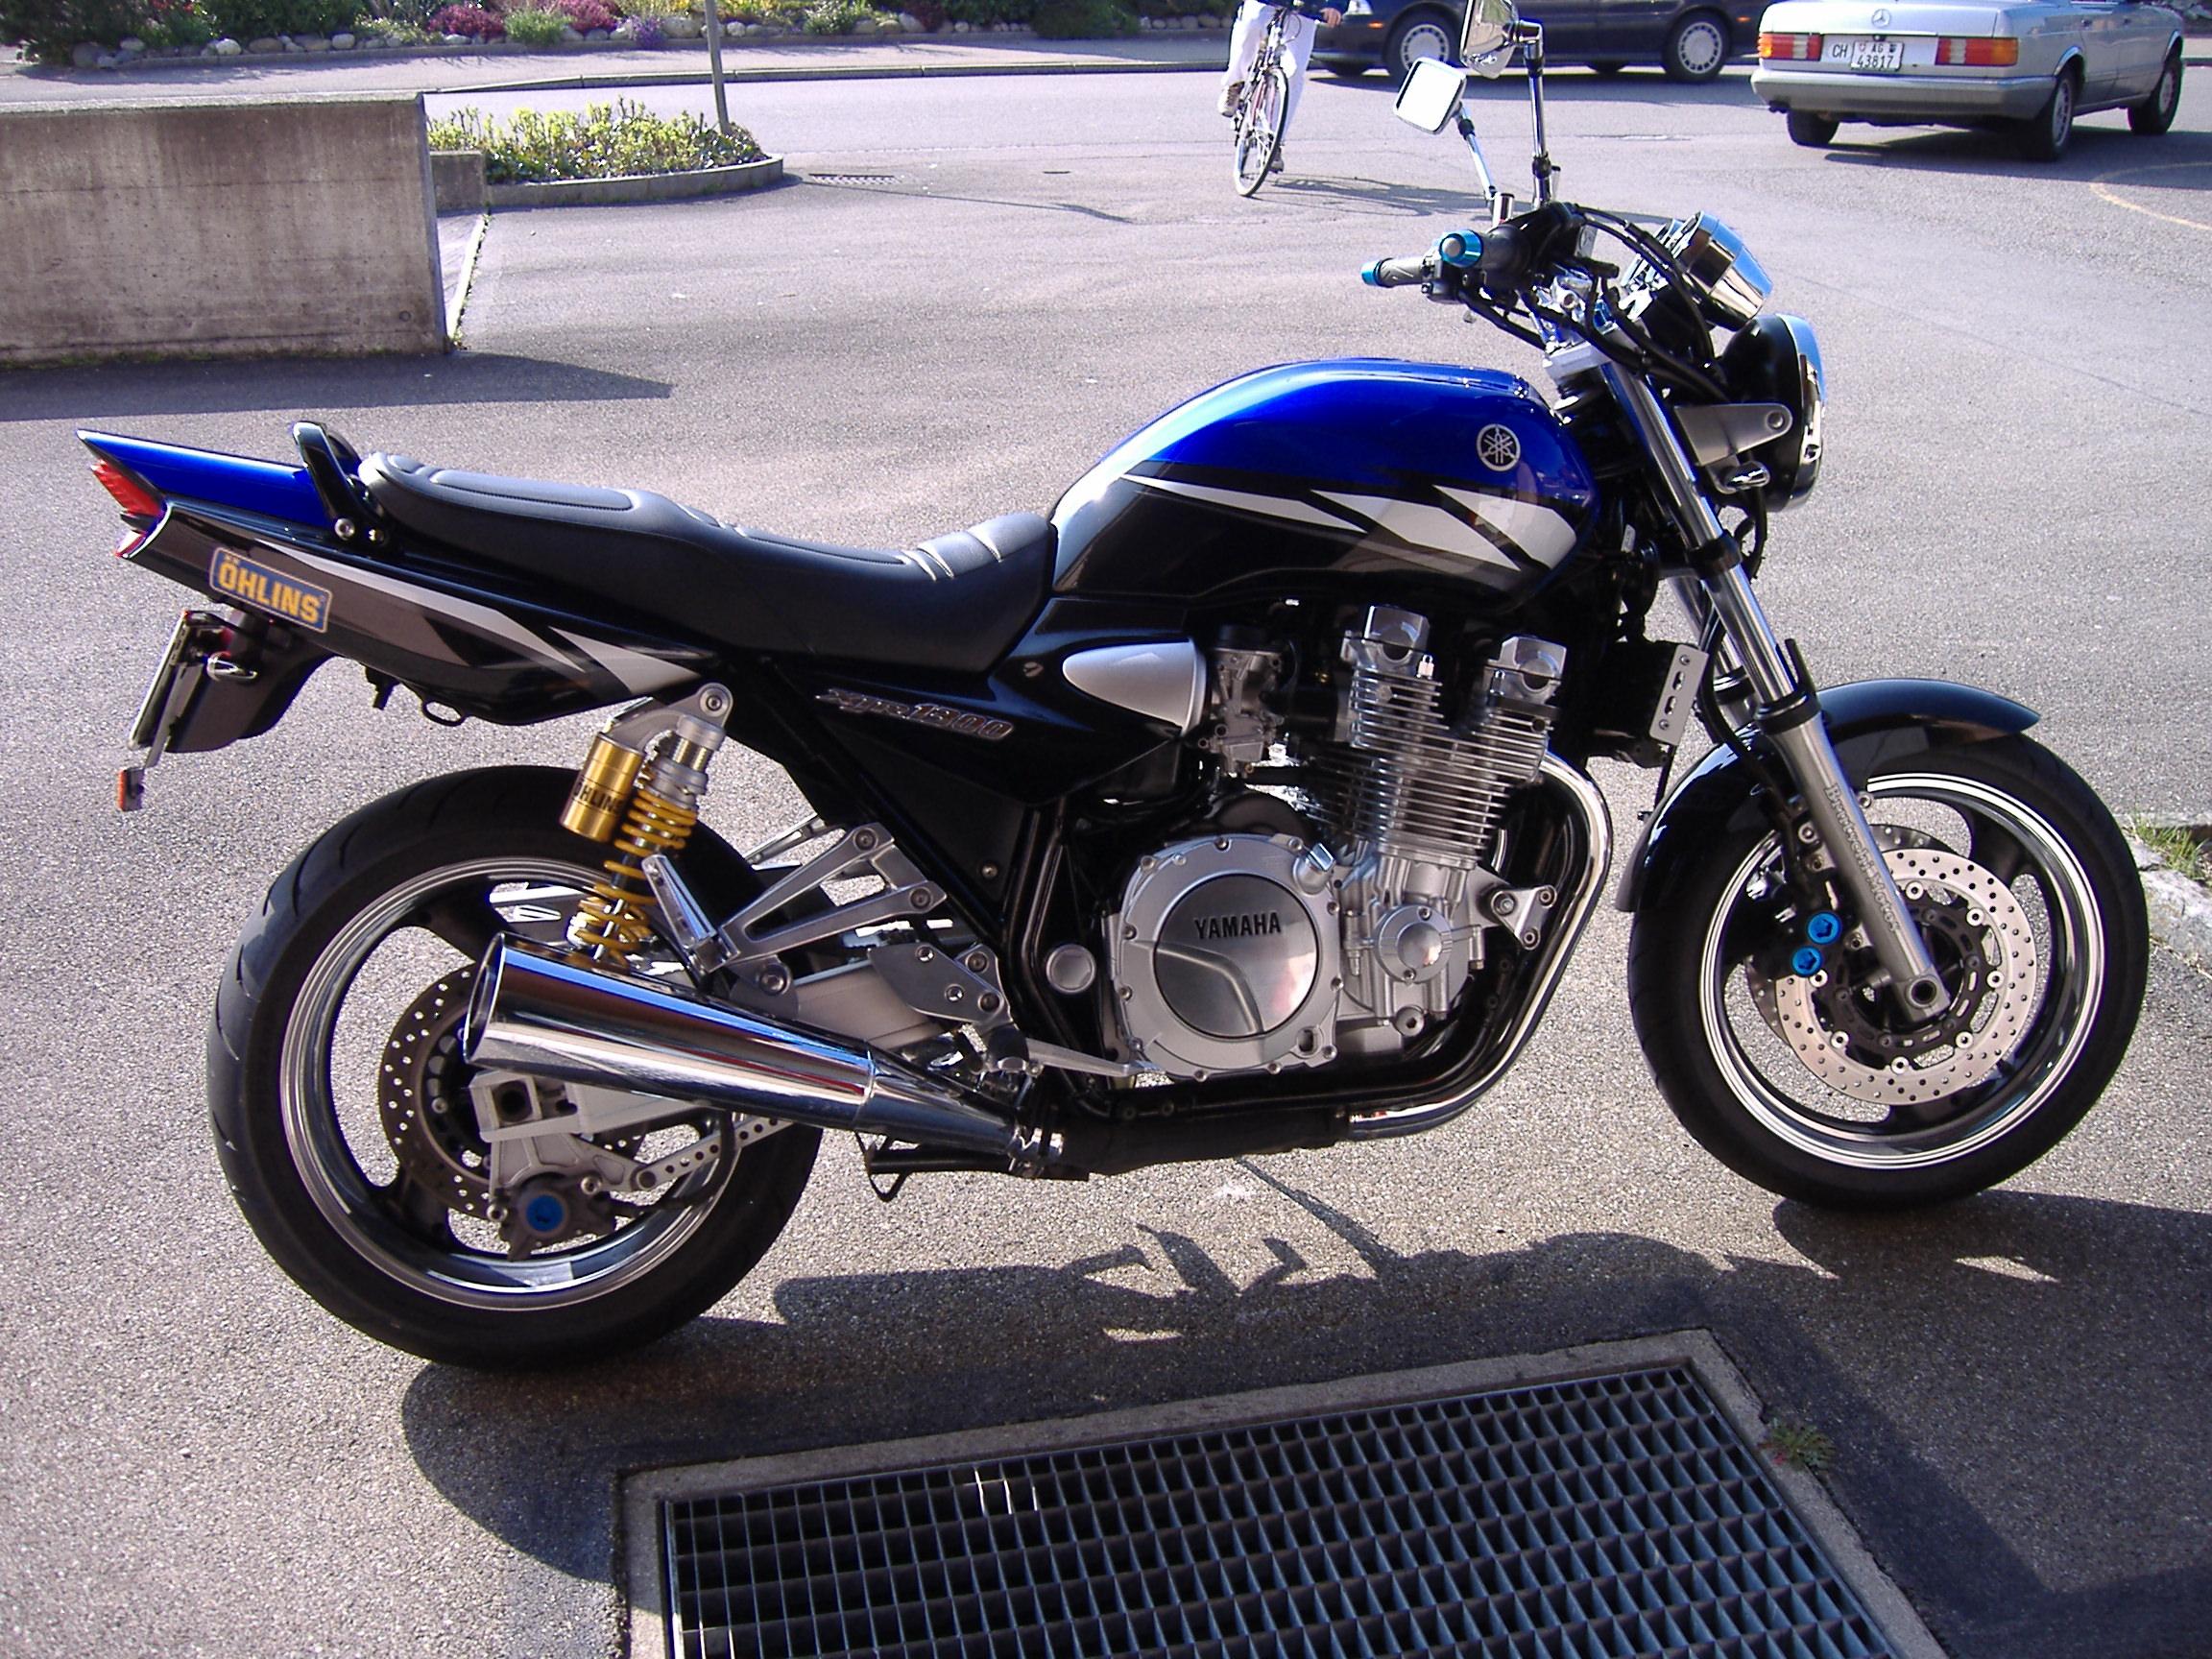 Yamaha Motorcycle Tuning Software